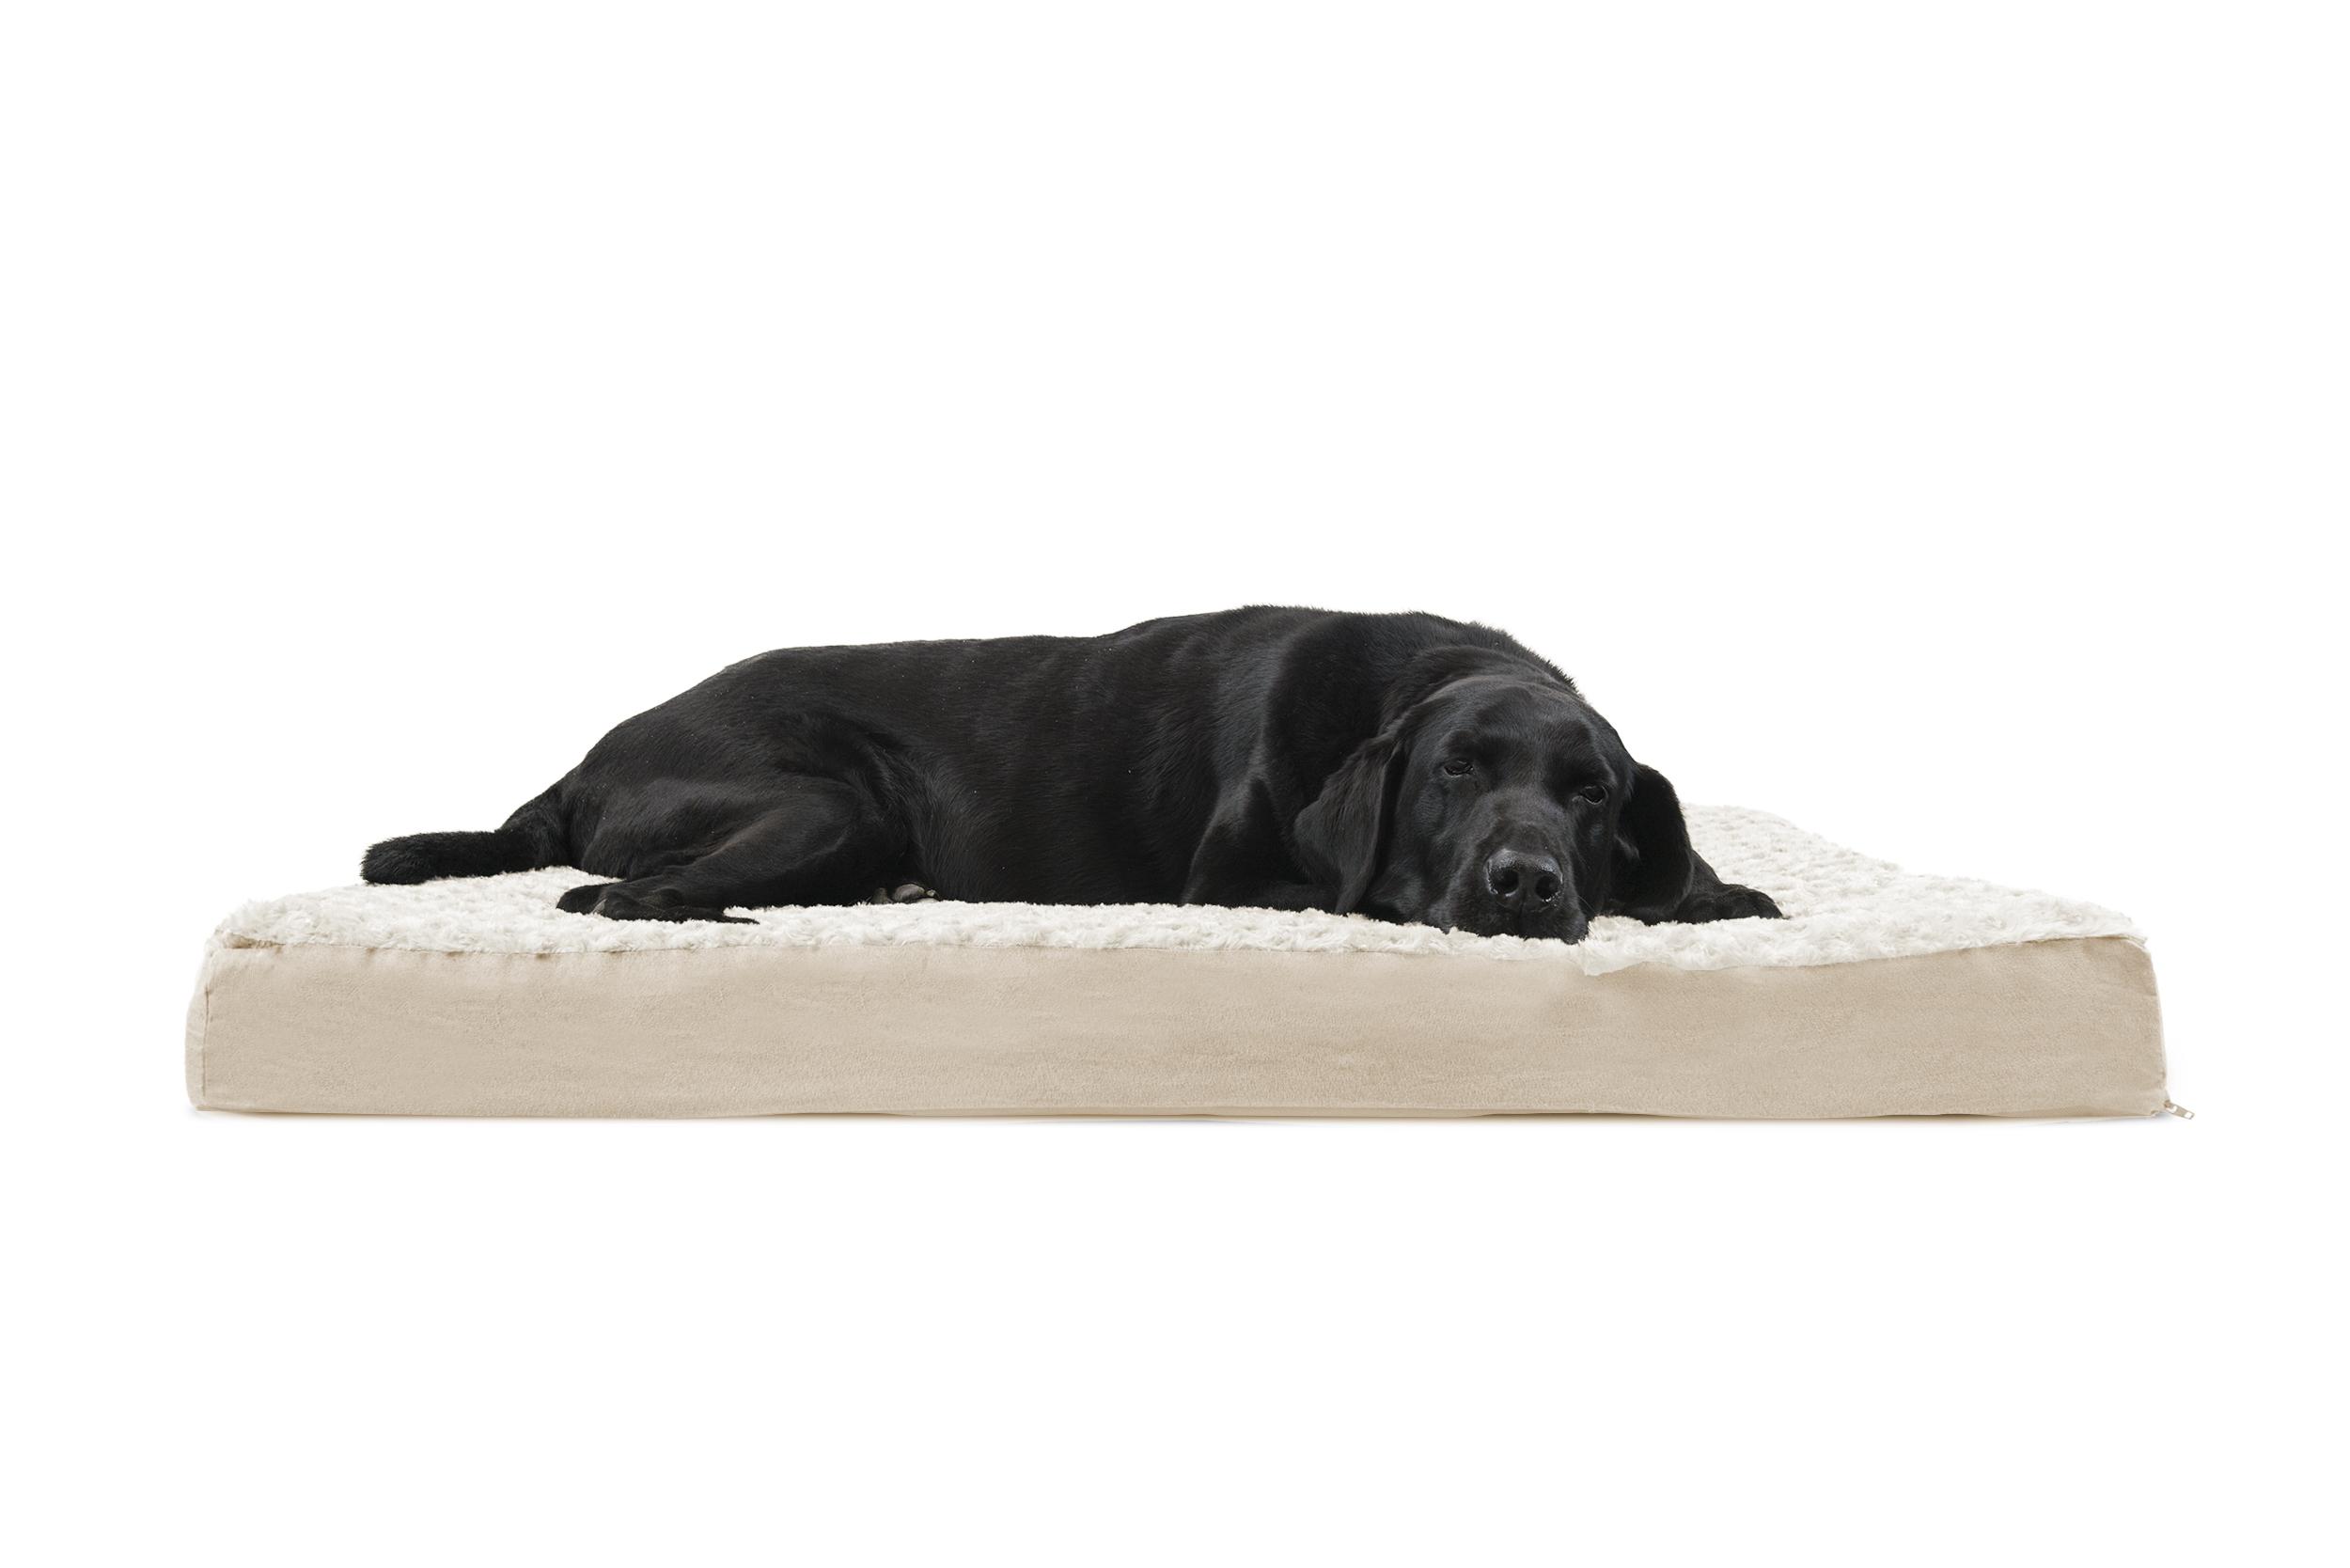 orthopedic plush lounger pet beds amp minky dog itm ebay bed luxe velvet